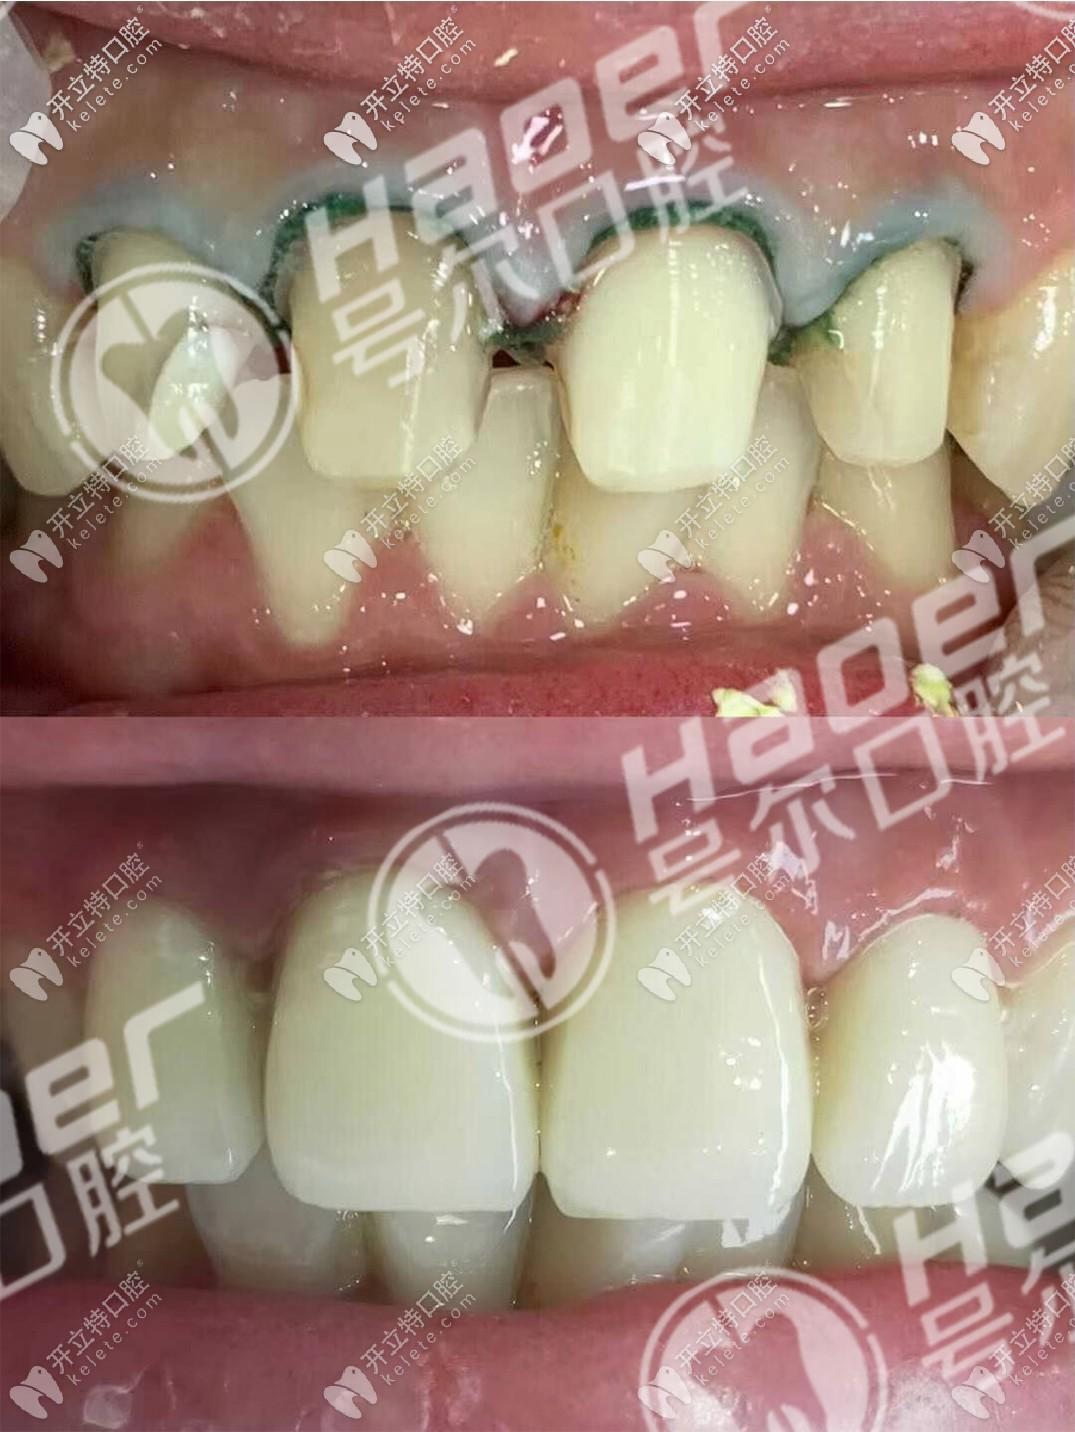 说不痛苦是假的,谈谈我烤瓷牙用5年后拆了换全瓷牙过程!